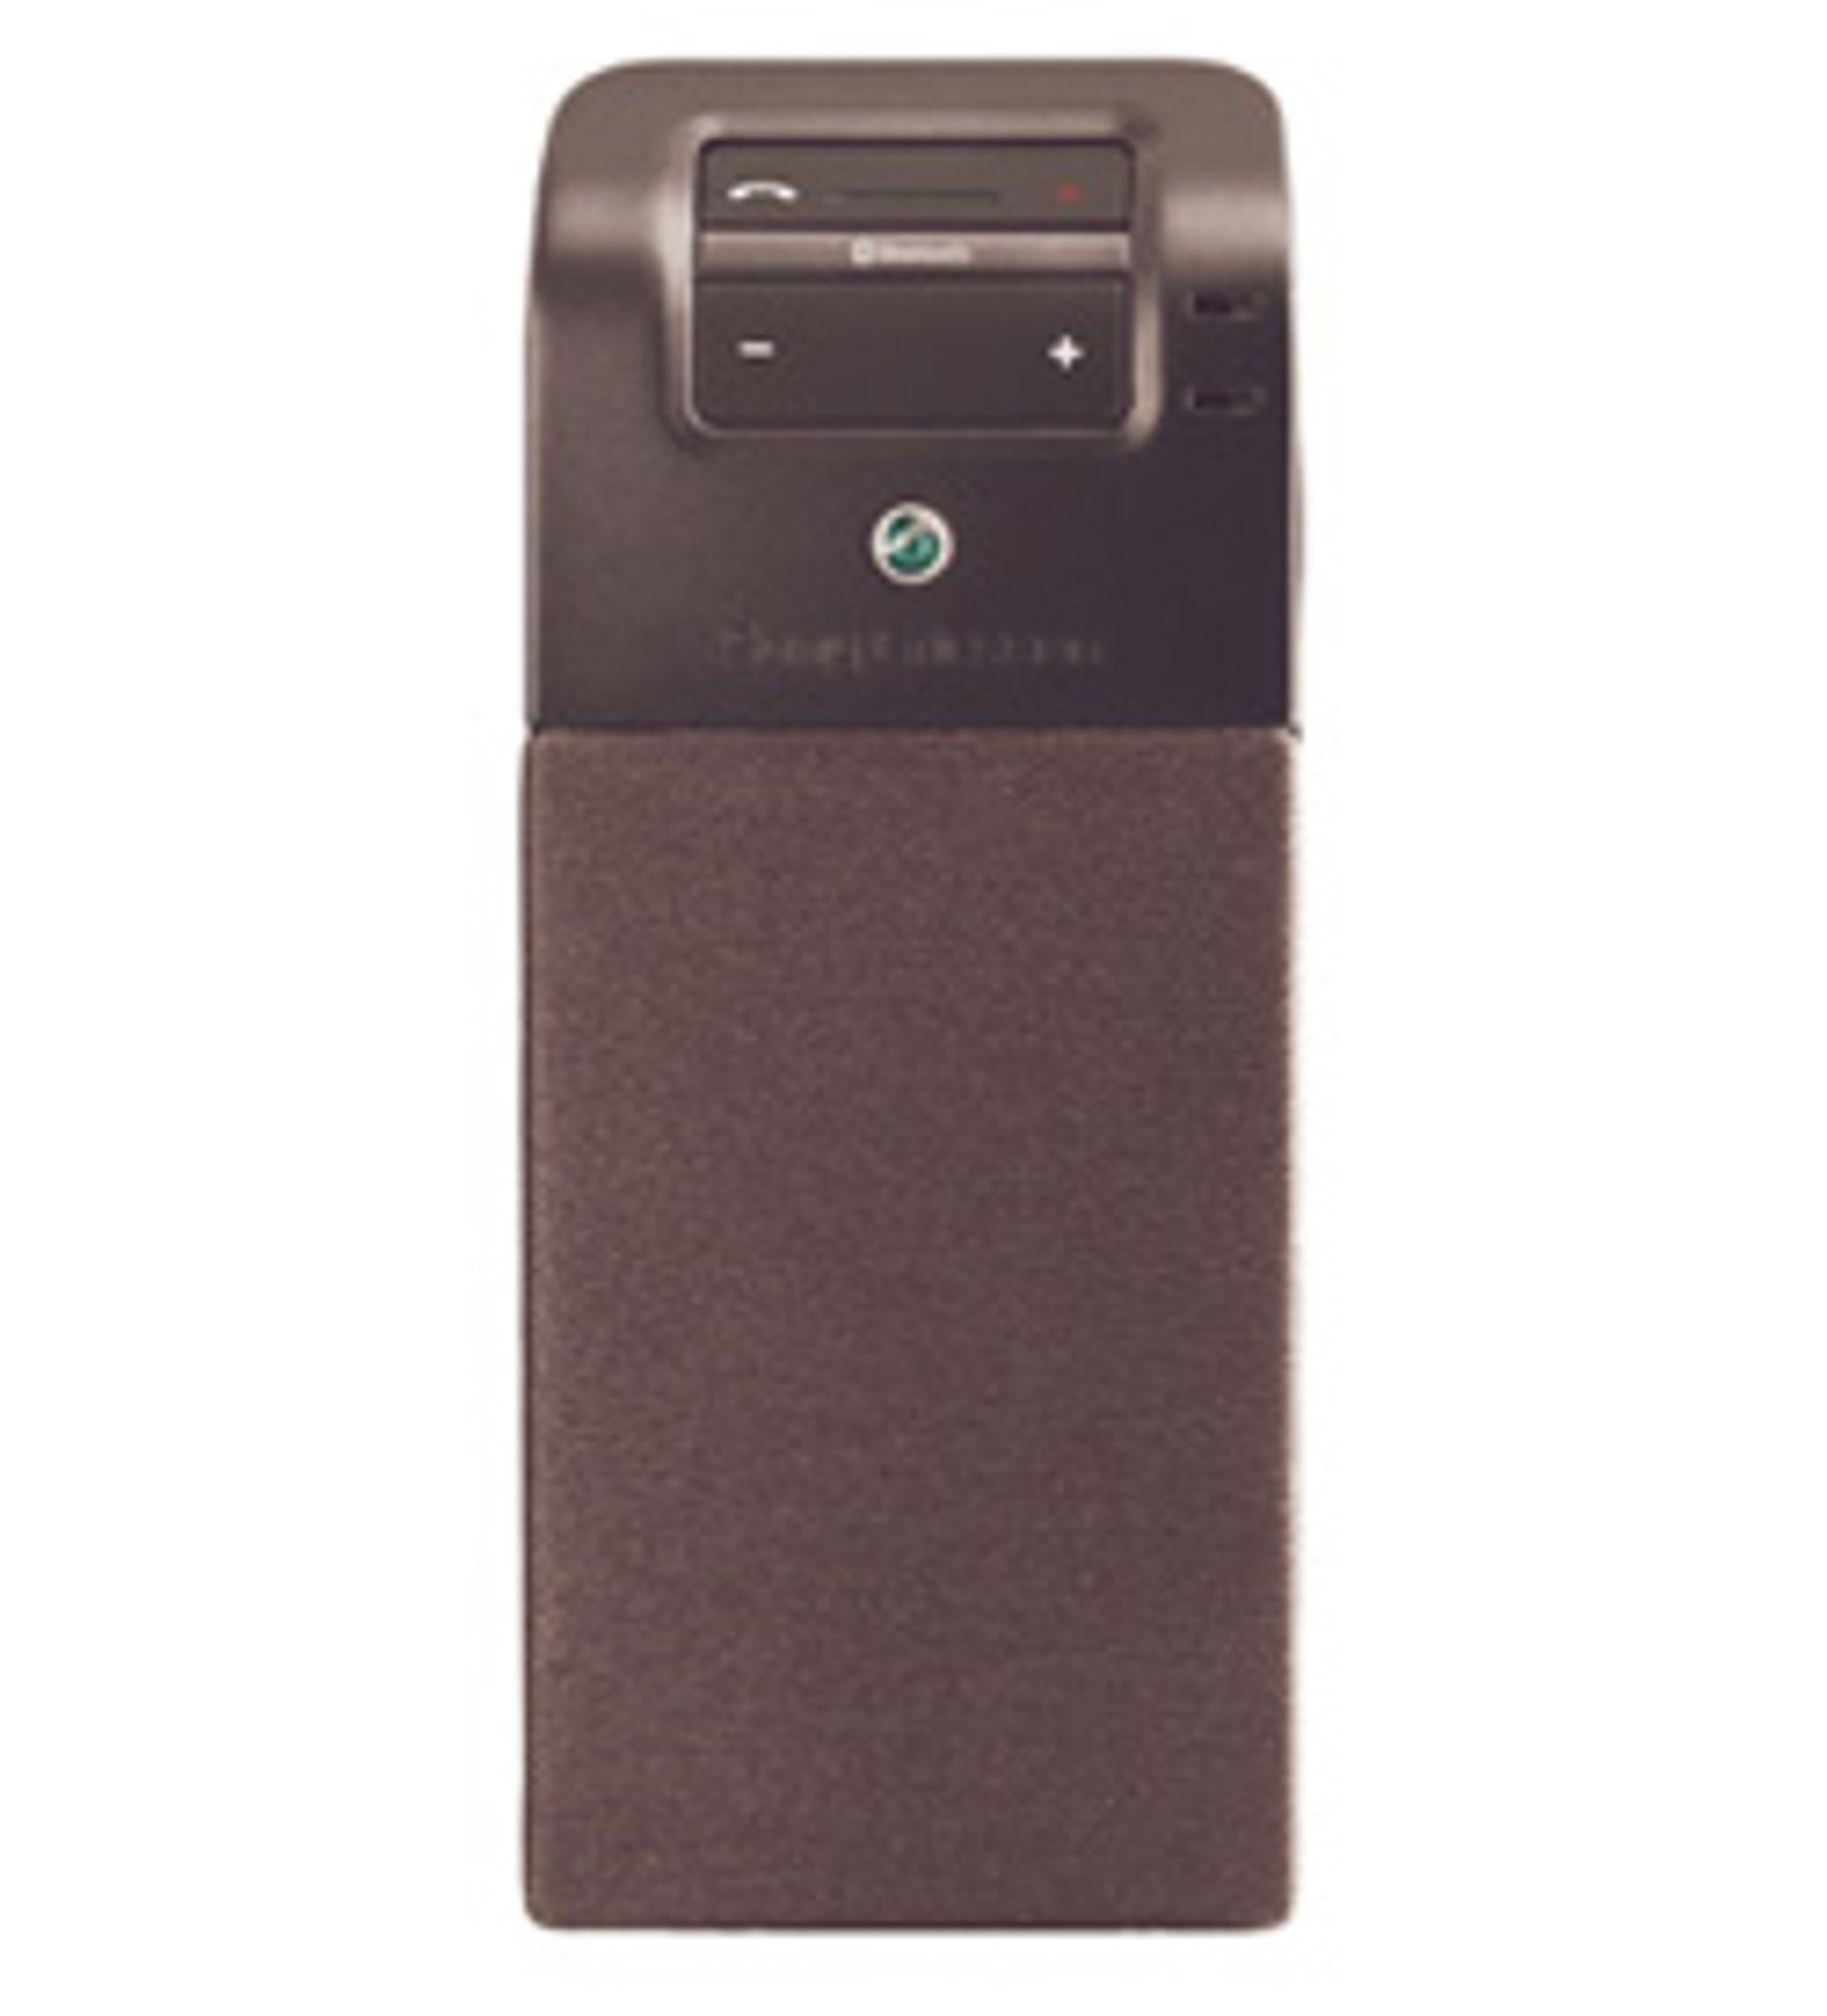 Slik ser Sony Ericssons nye håndfrisett ut.